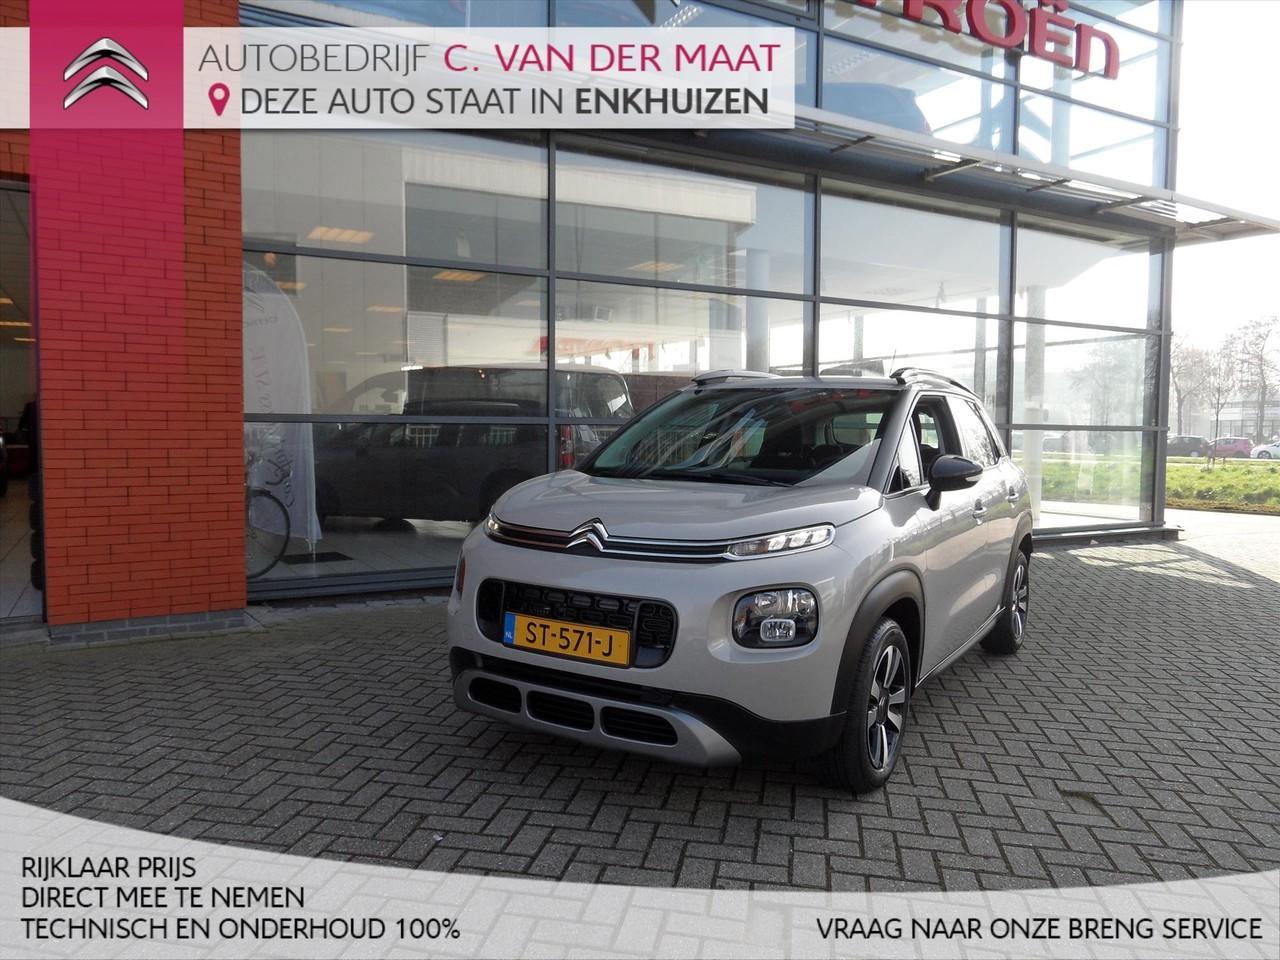 Citroën C3 aircross 1.2 110pk s&s feel navigatie rijklaar prijs